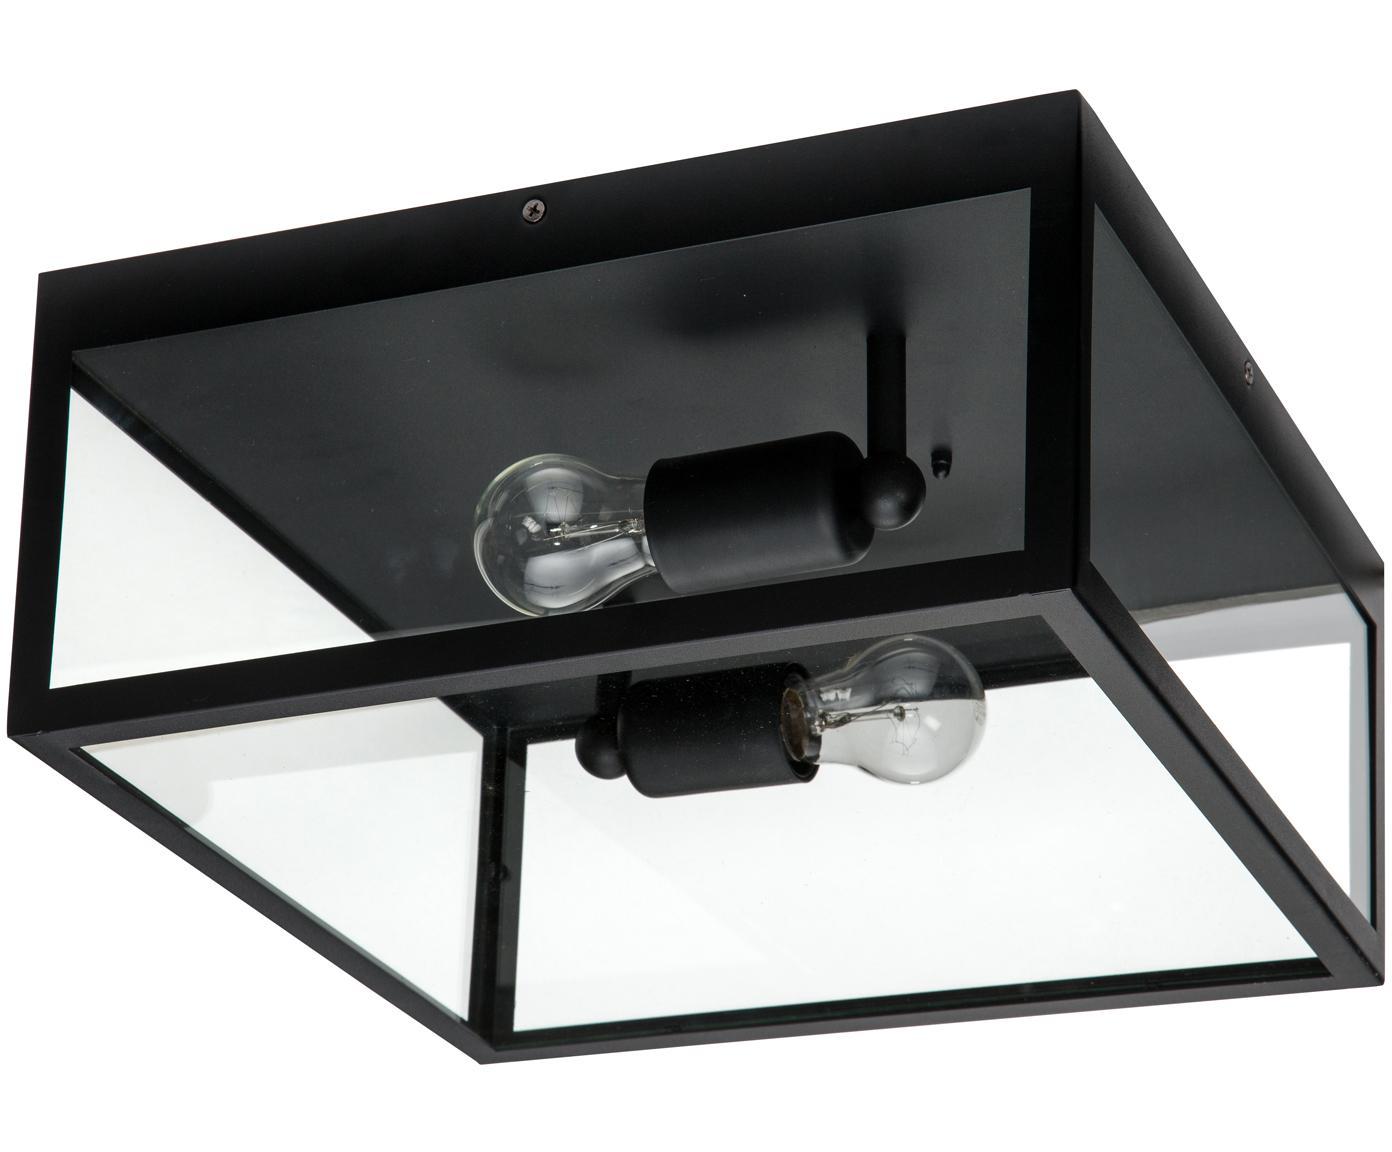 Lampa sufitowa industrial Aberdeen, Stal lakierowana, szkło, Czarny, transparentny, S 36 x W 16 cm